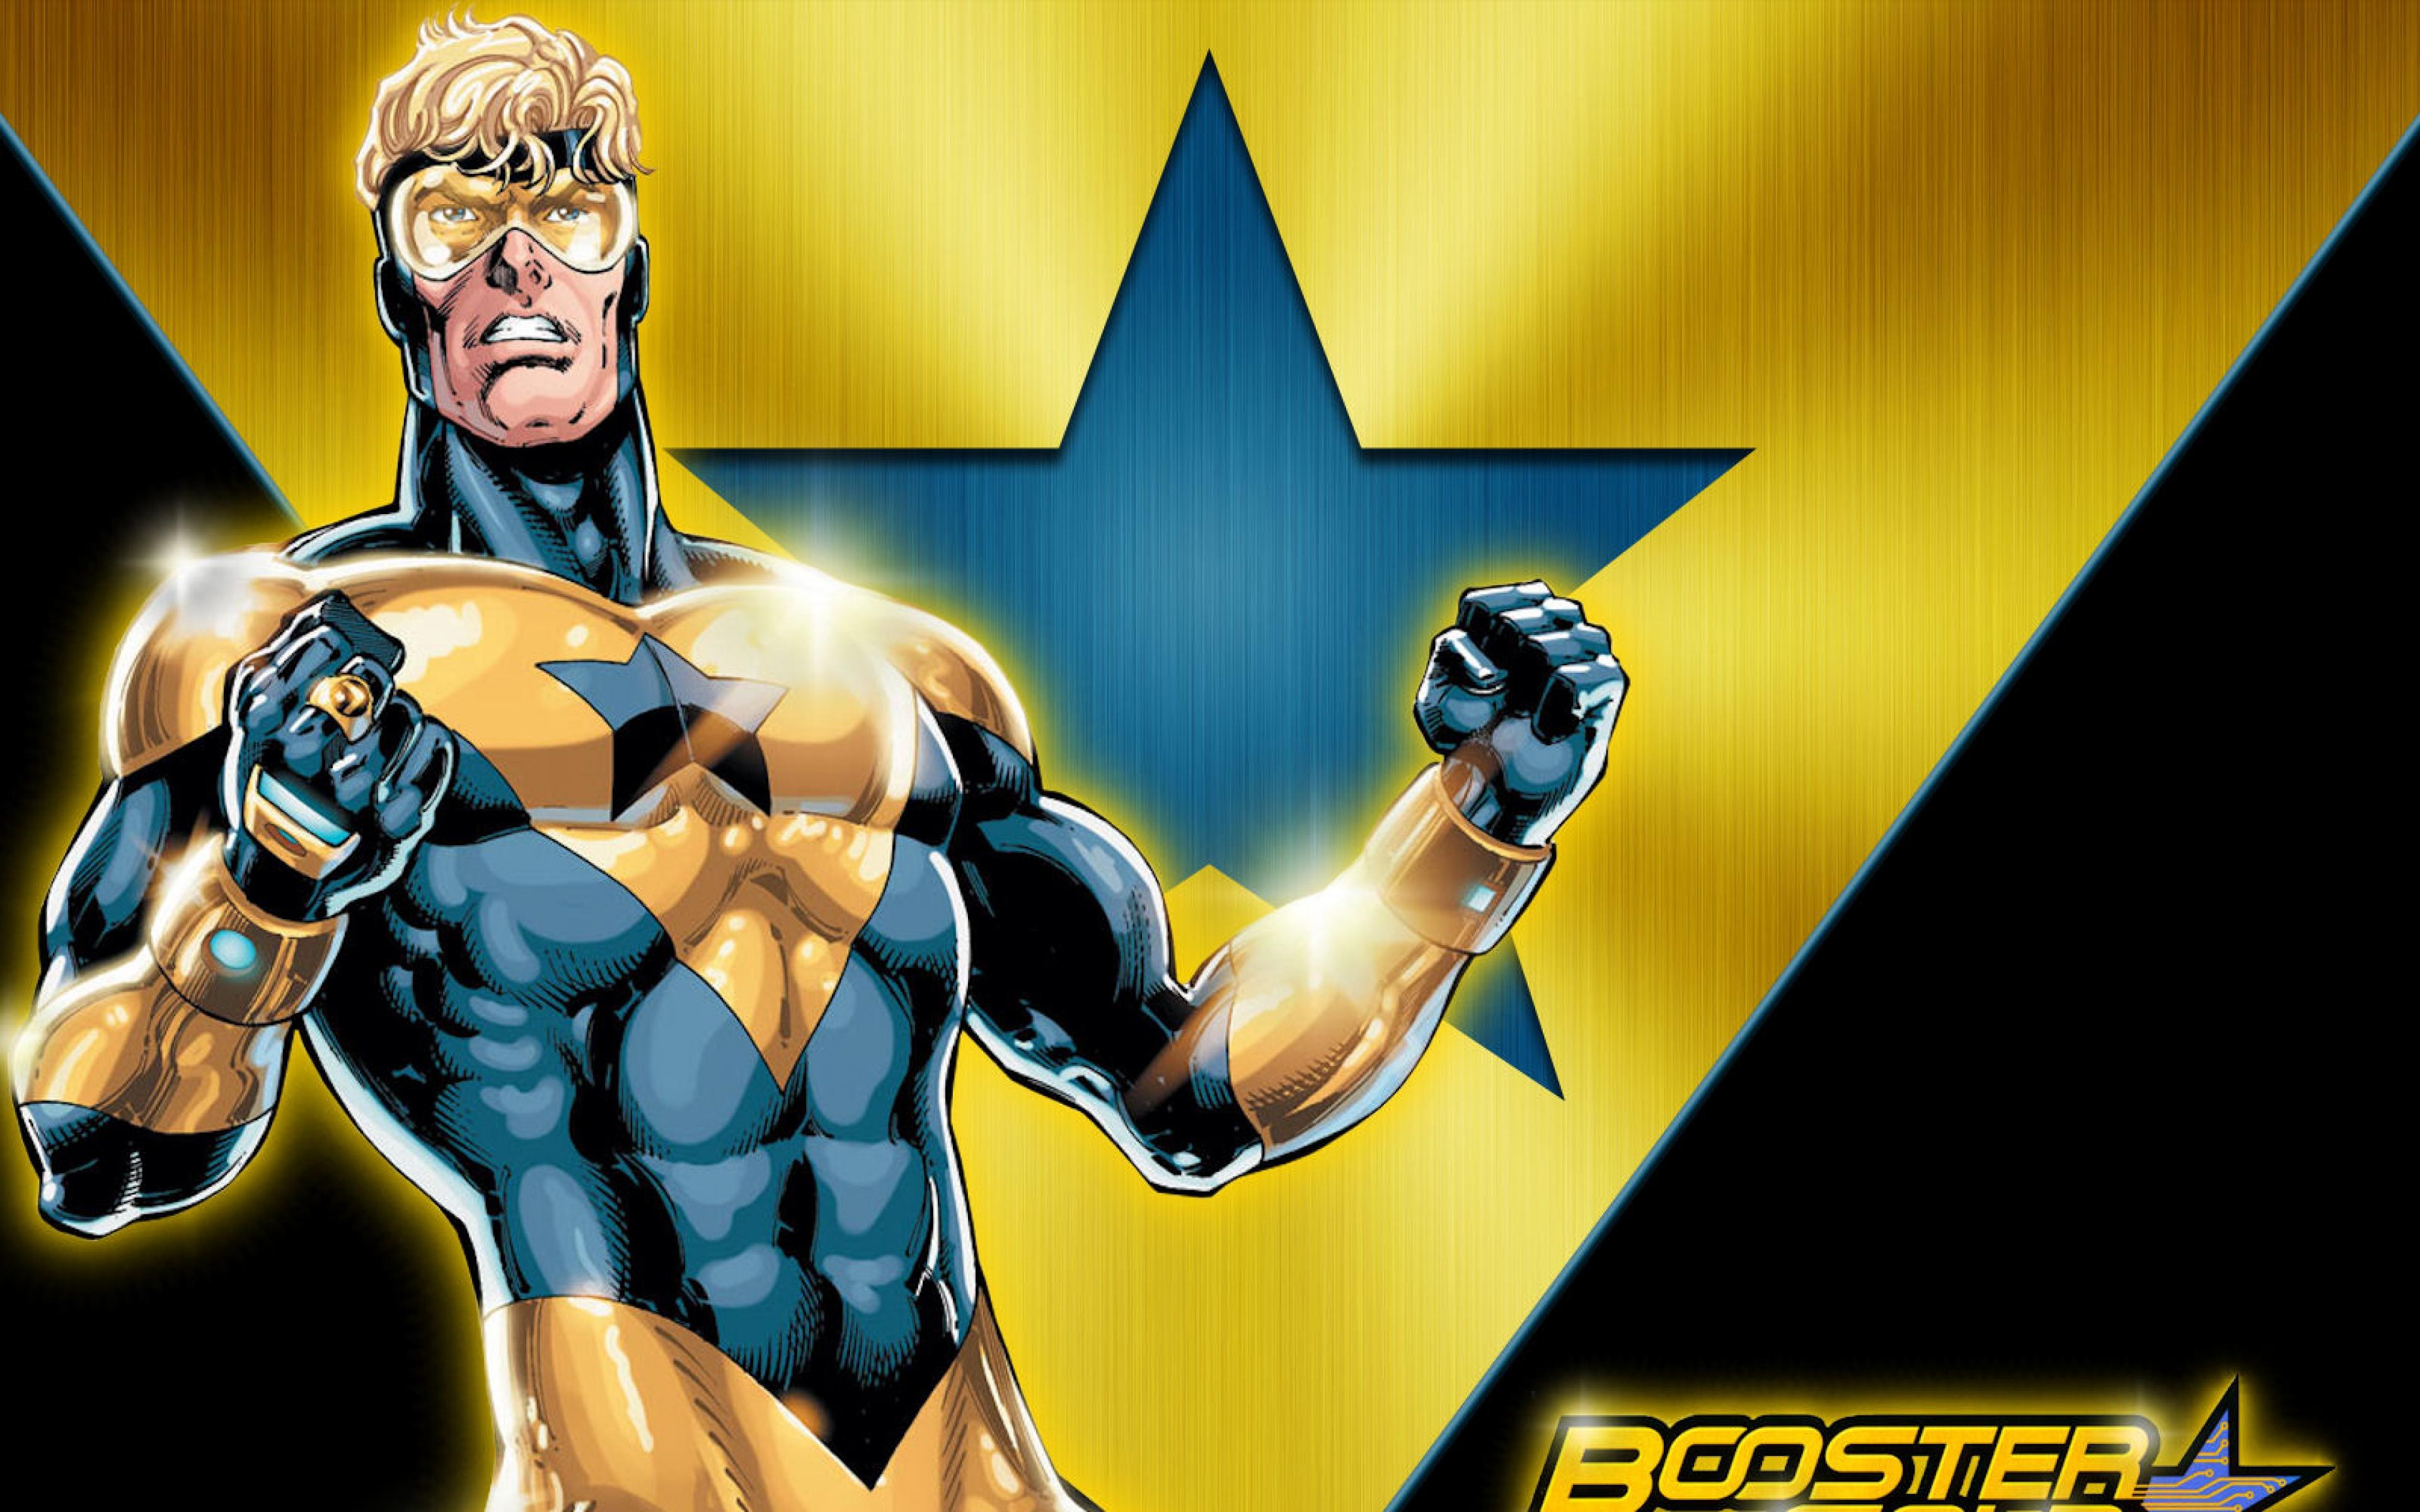 Booster Gold Wallpaper 1   3840 X 2400 stmednet 3840x2400